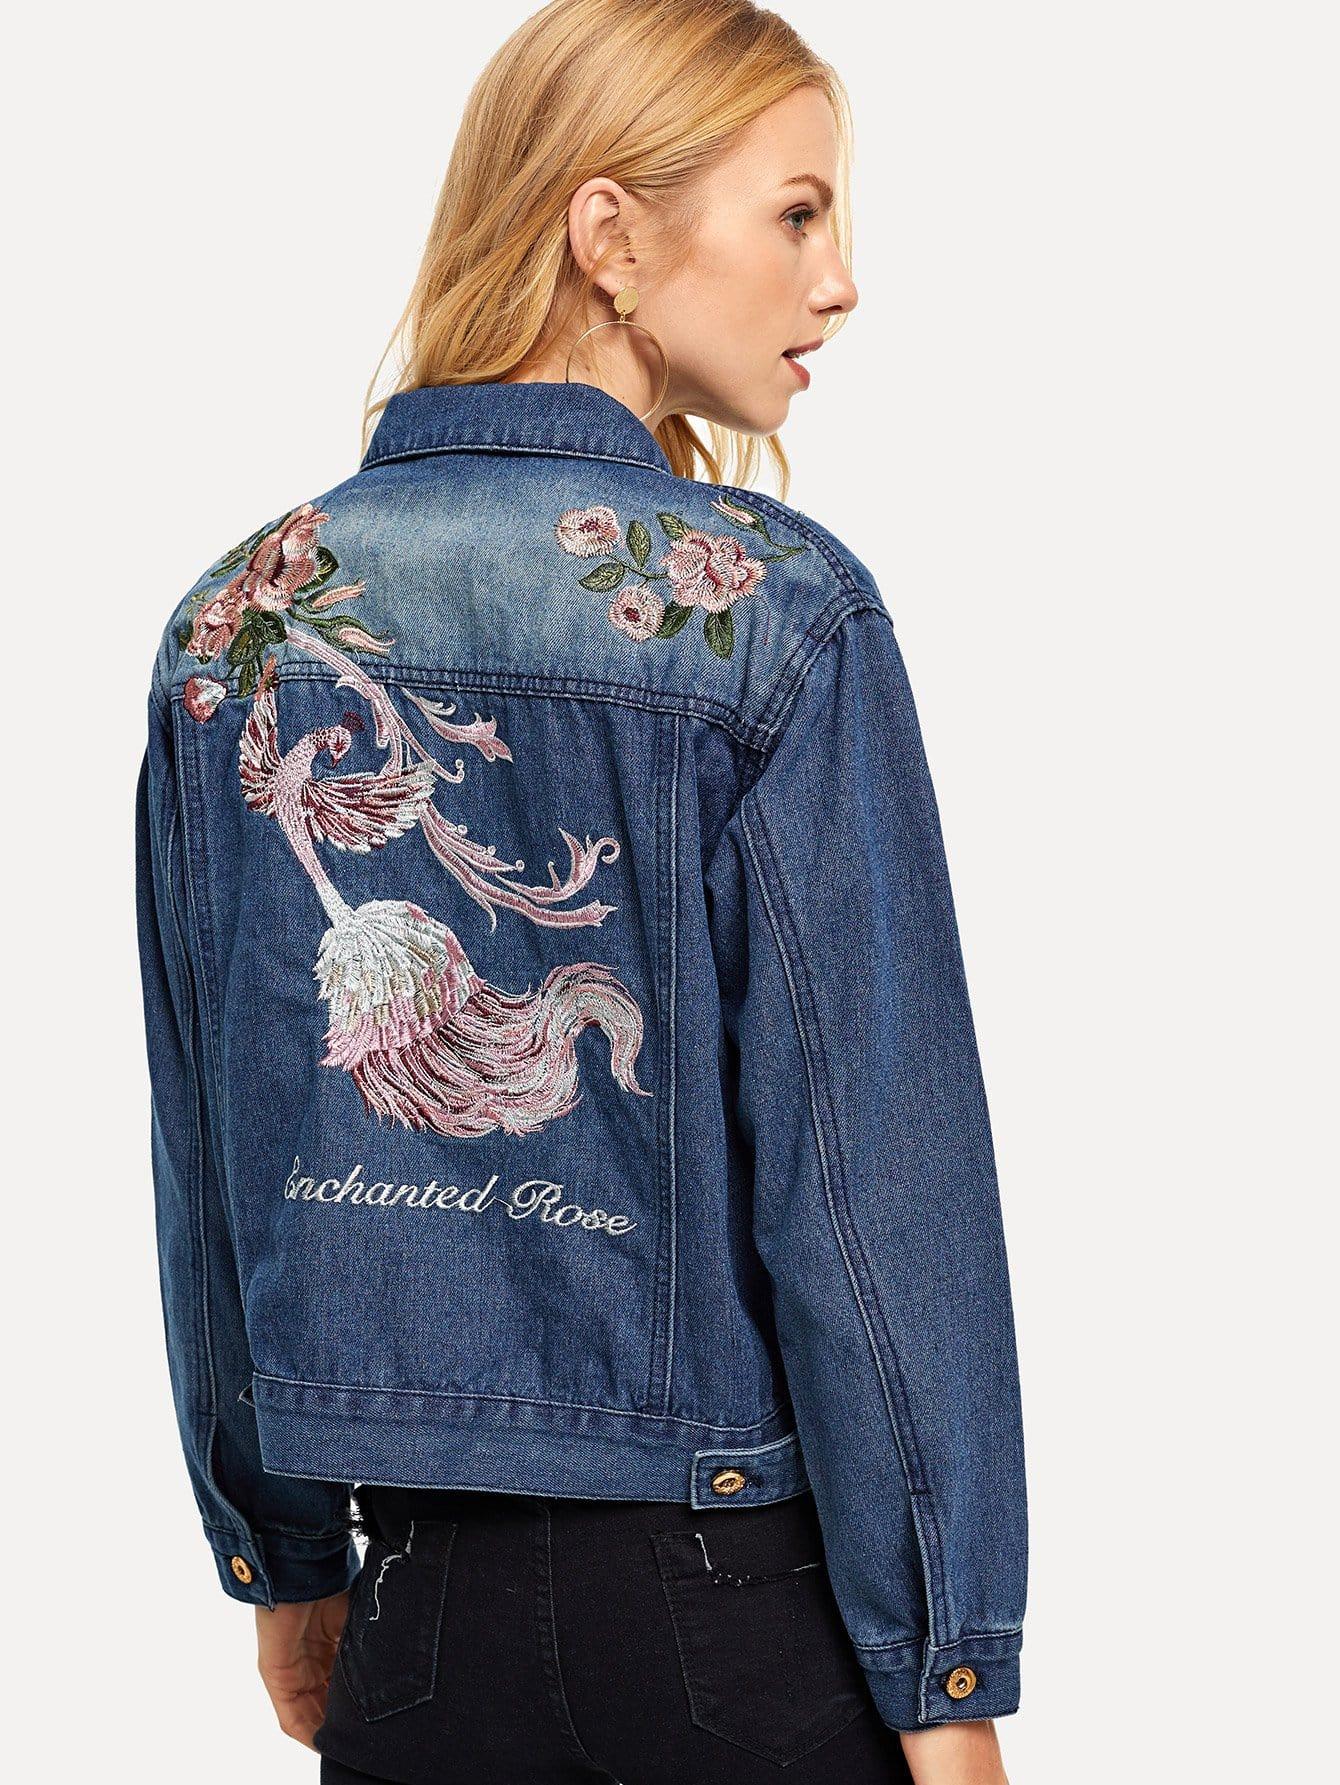 Embroidered Pocket Decoration Denim Jacket